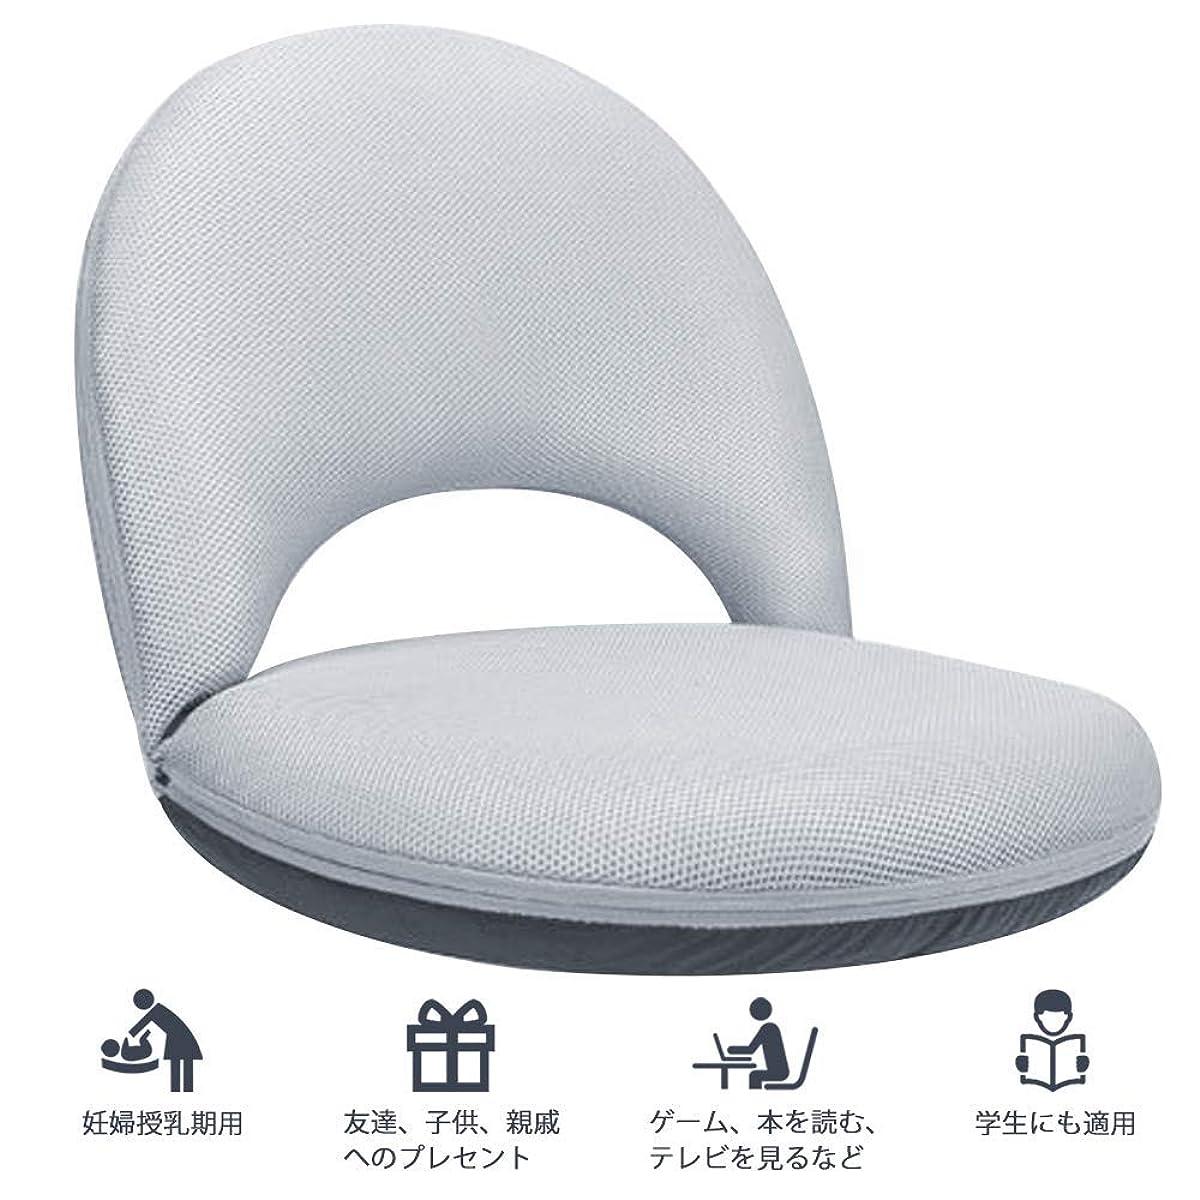 製品禁止アルコーブ座椅子 5段階リクライニング カバー洗濯可能 軽量 収納簡単 腰痛 授乳期適用 折り畳み椅子 (グレー)